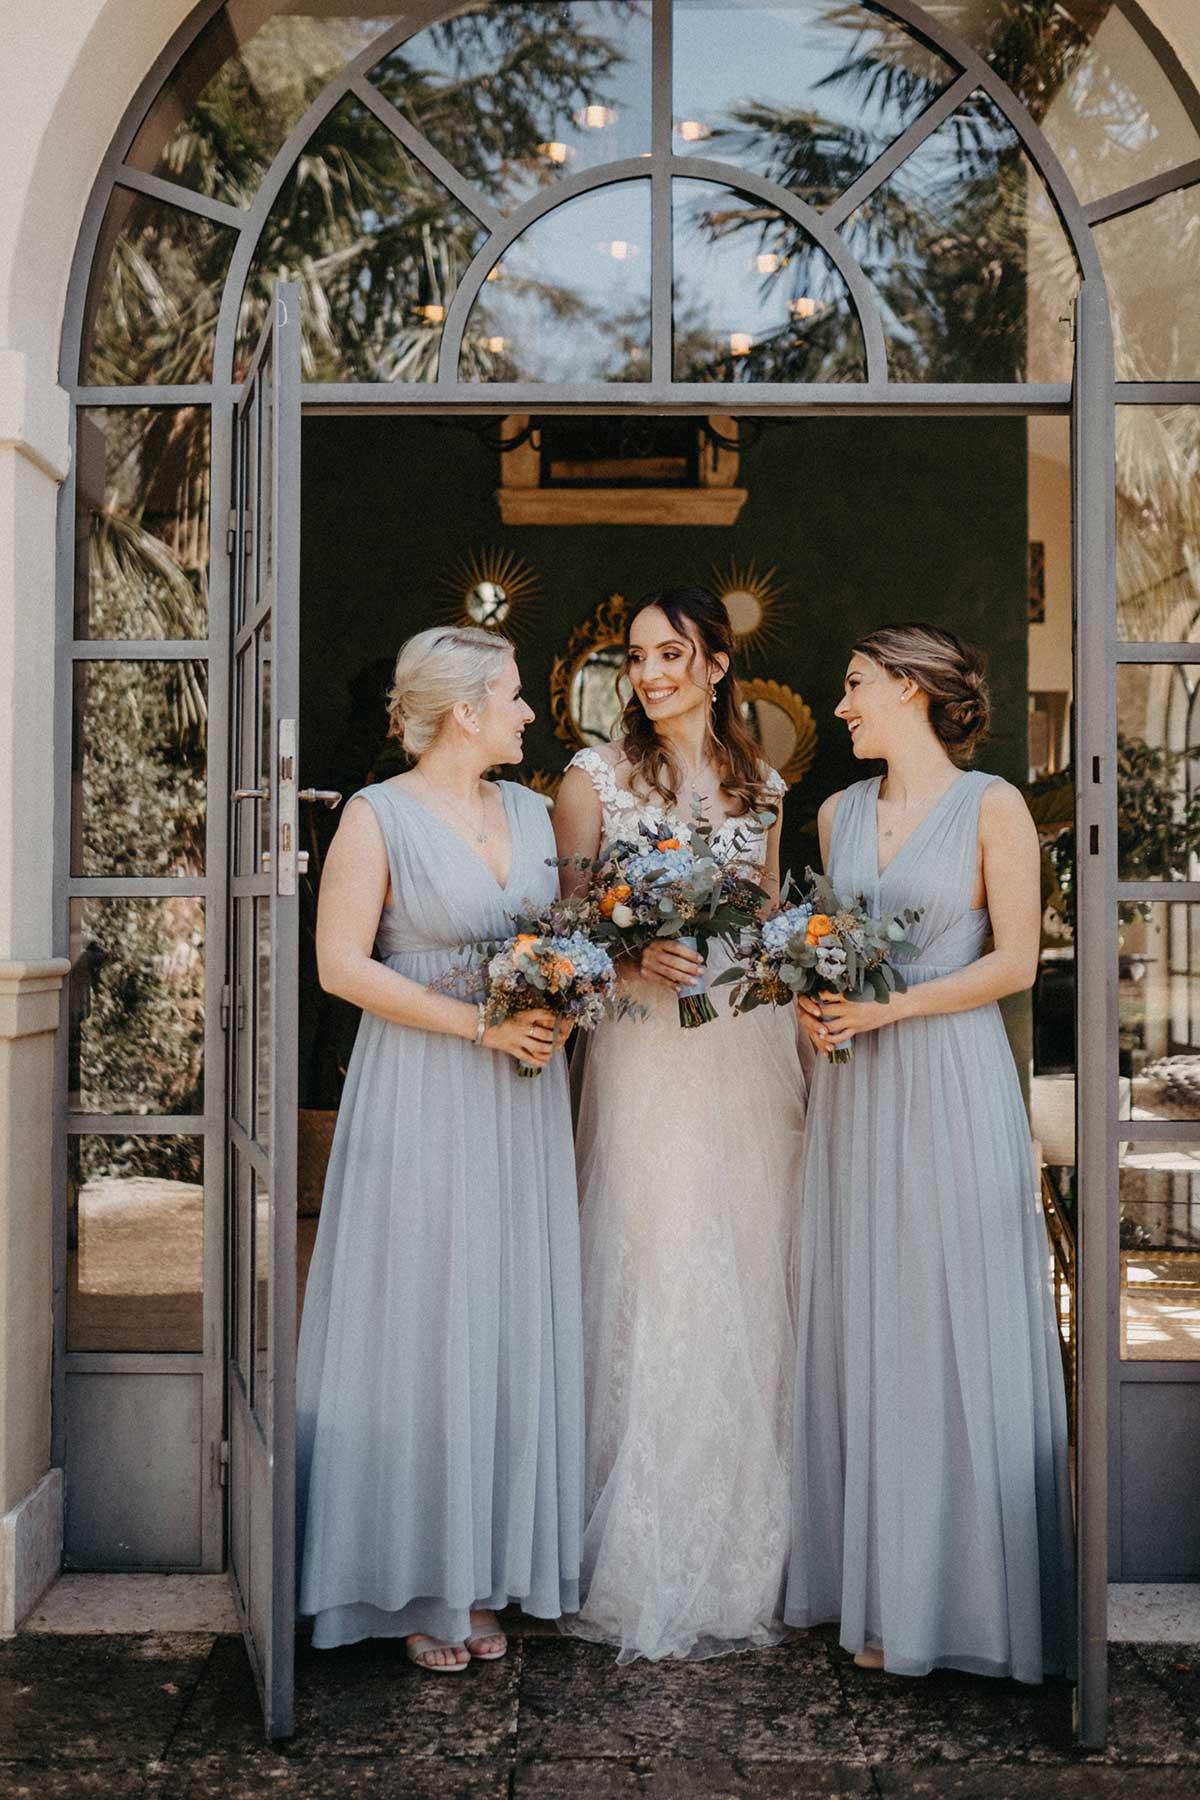 Braut mit ihrem Brautstrauß und ihren Brautjungfern in taubenblauen Kleidern